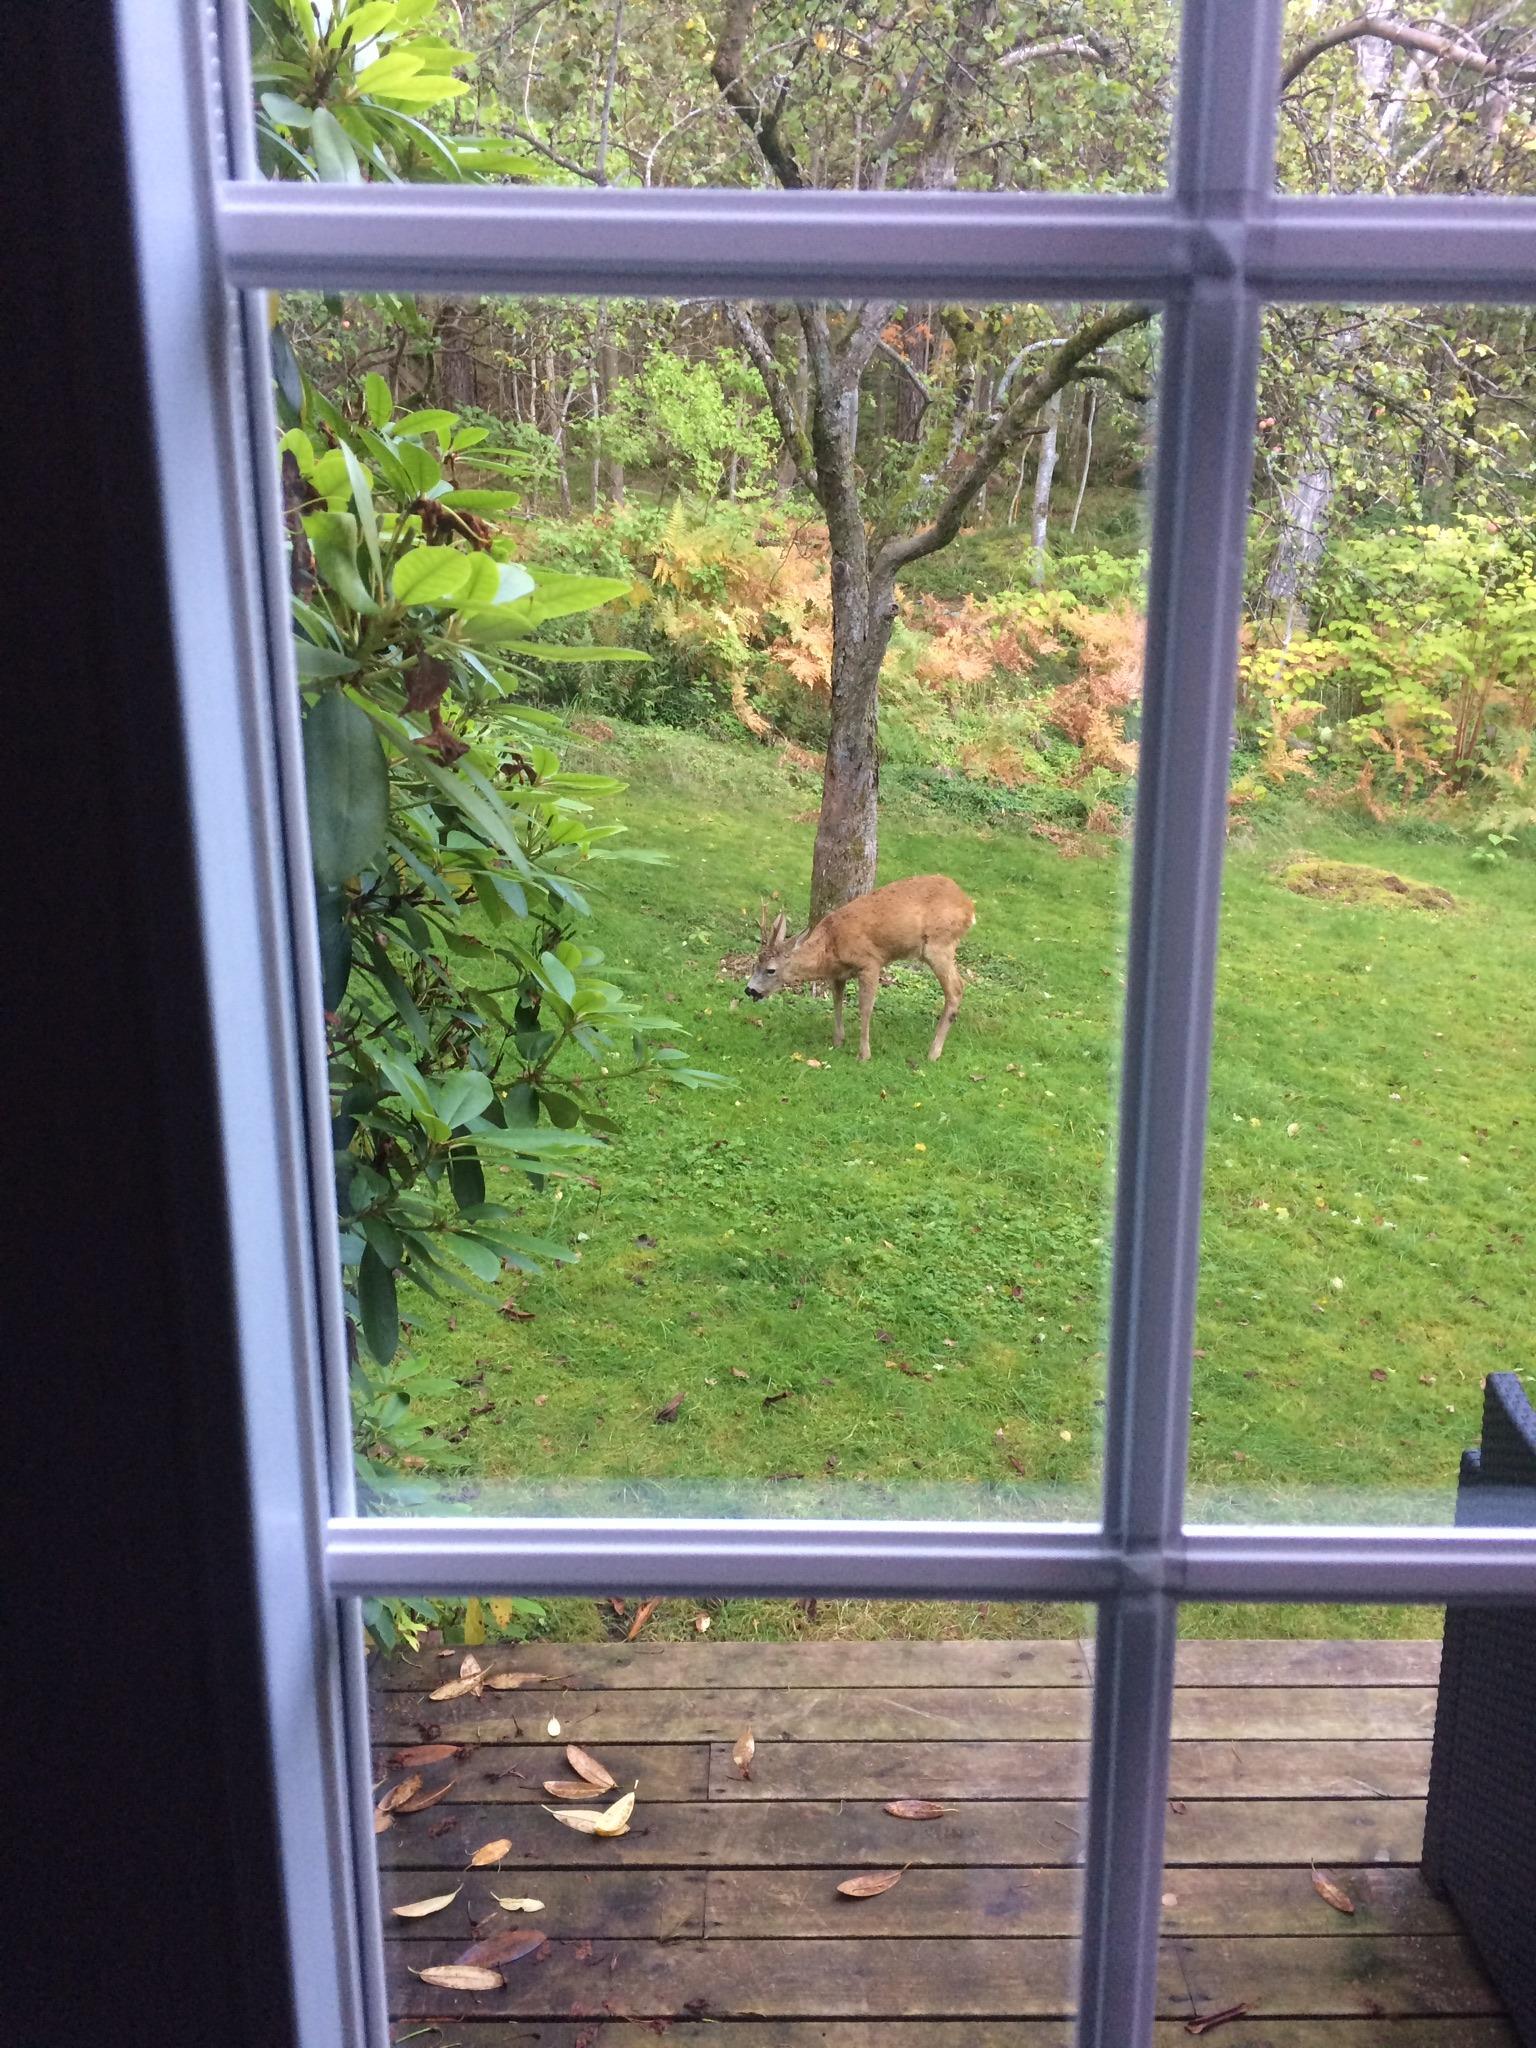 A roe deer in the garden